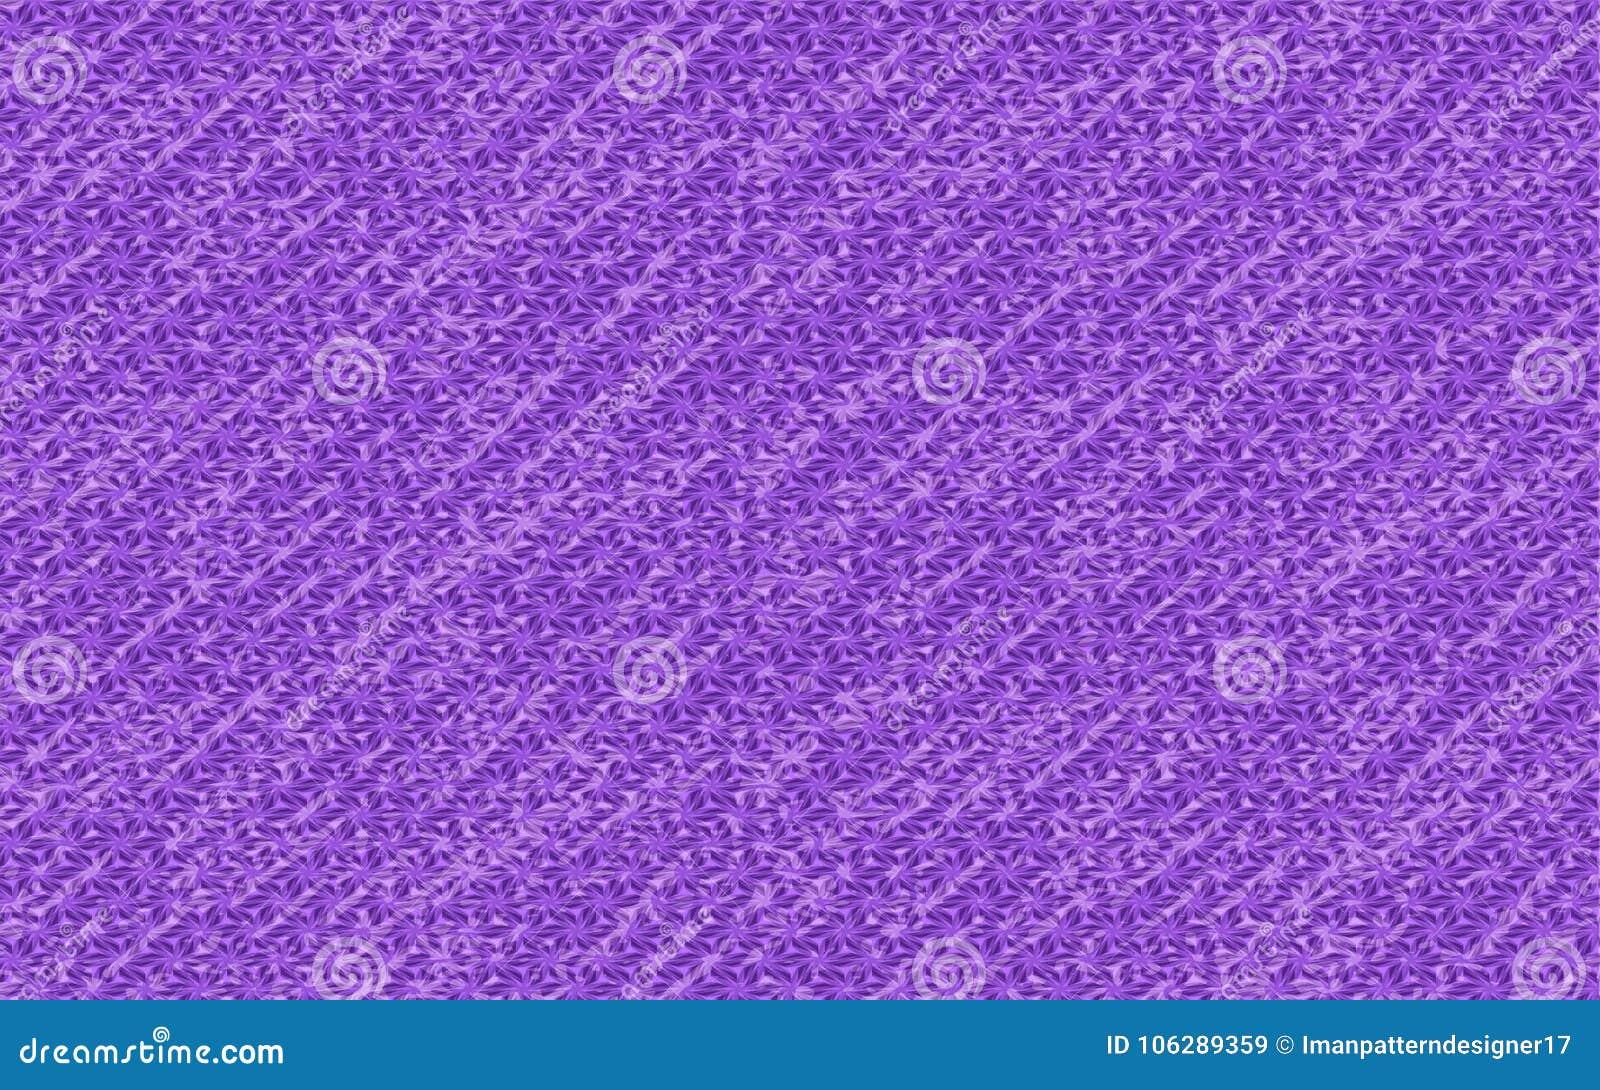 A chuva violeta fundo violeta textured sumário